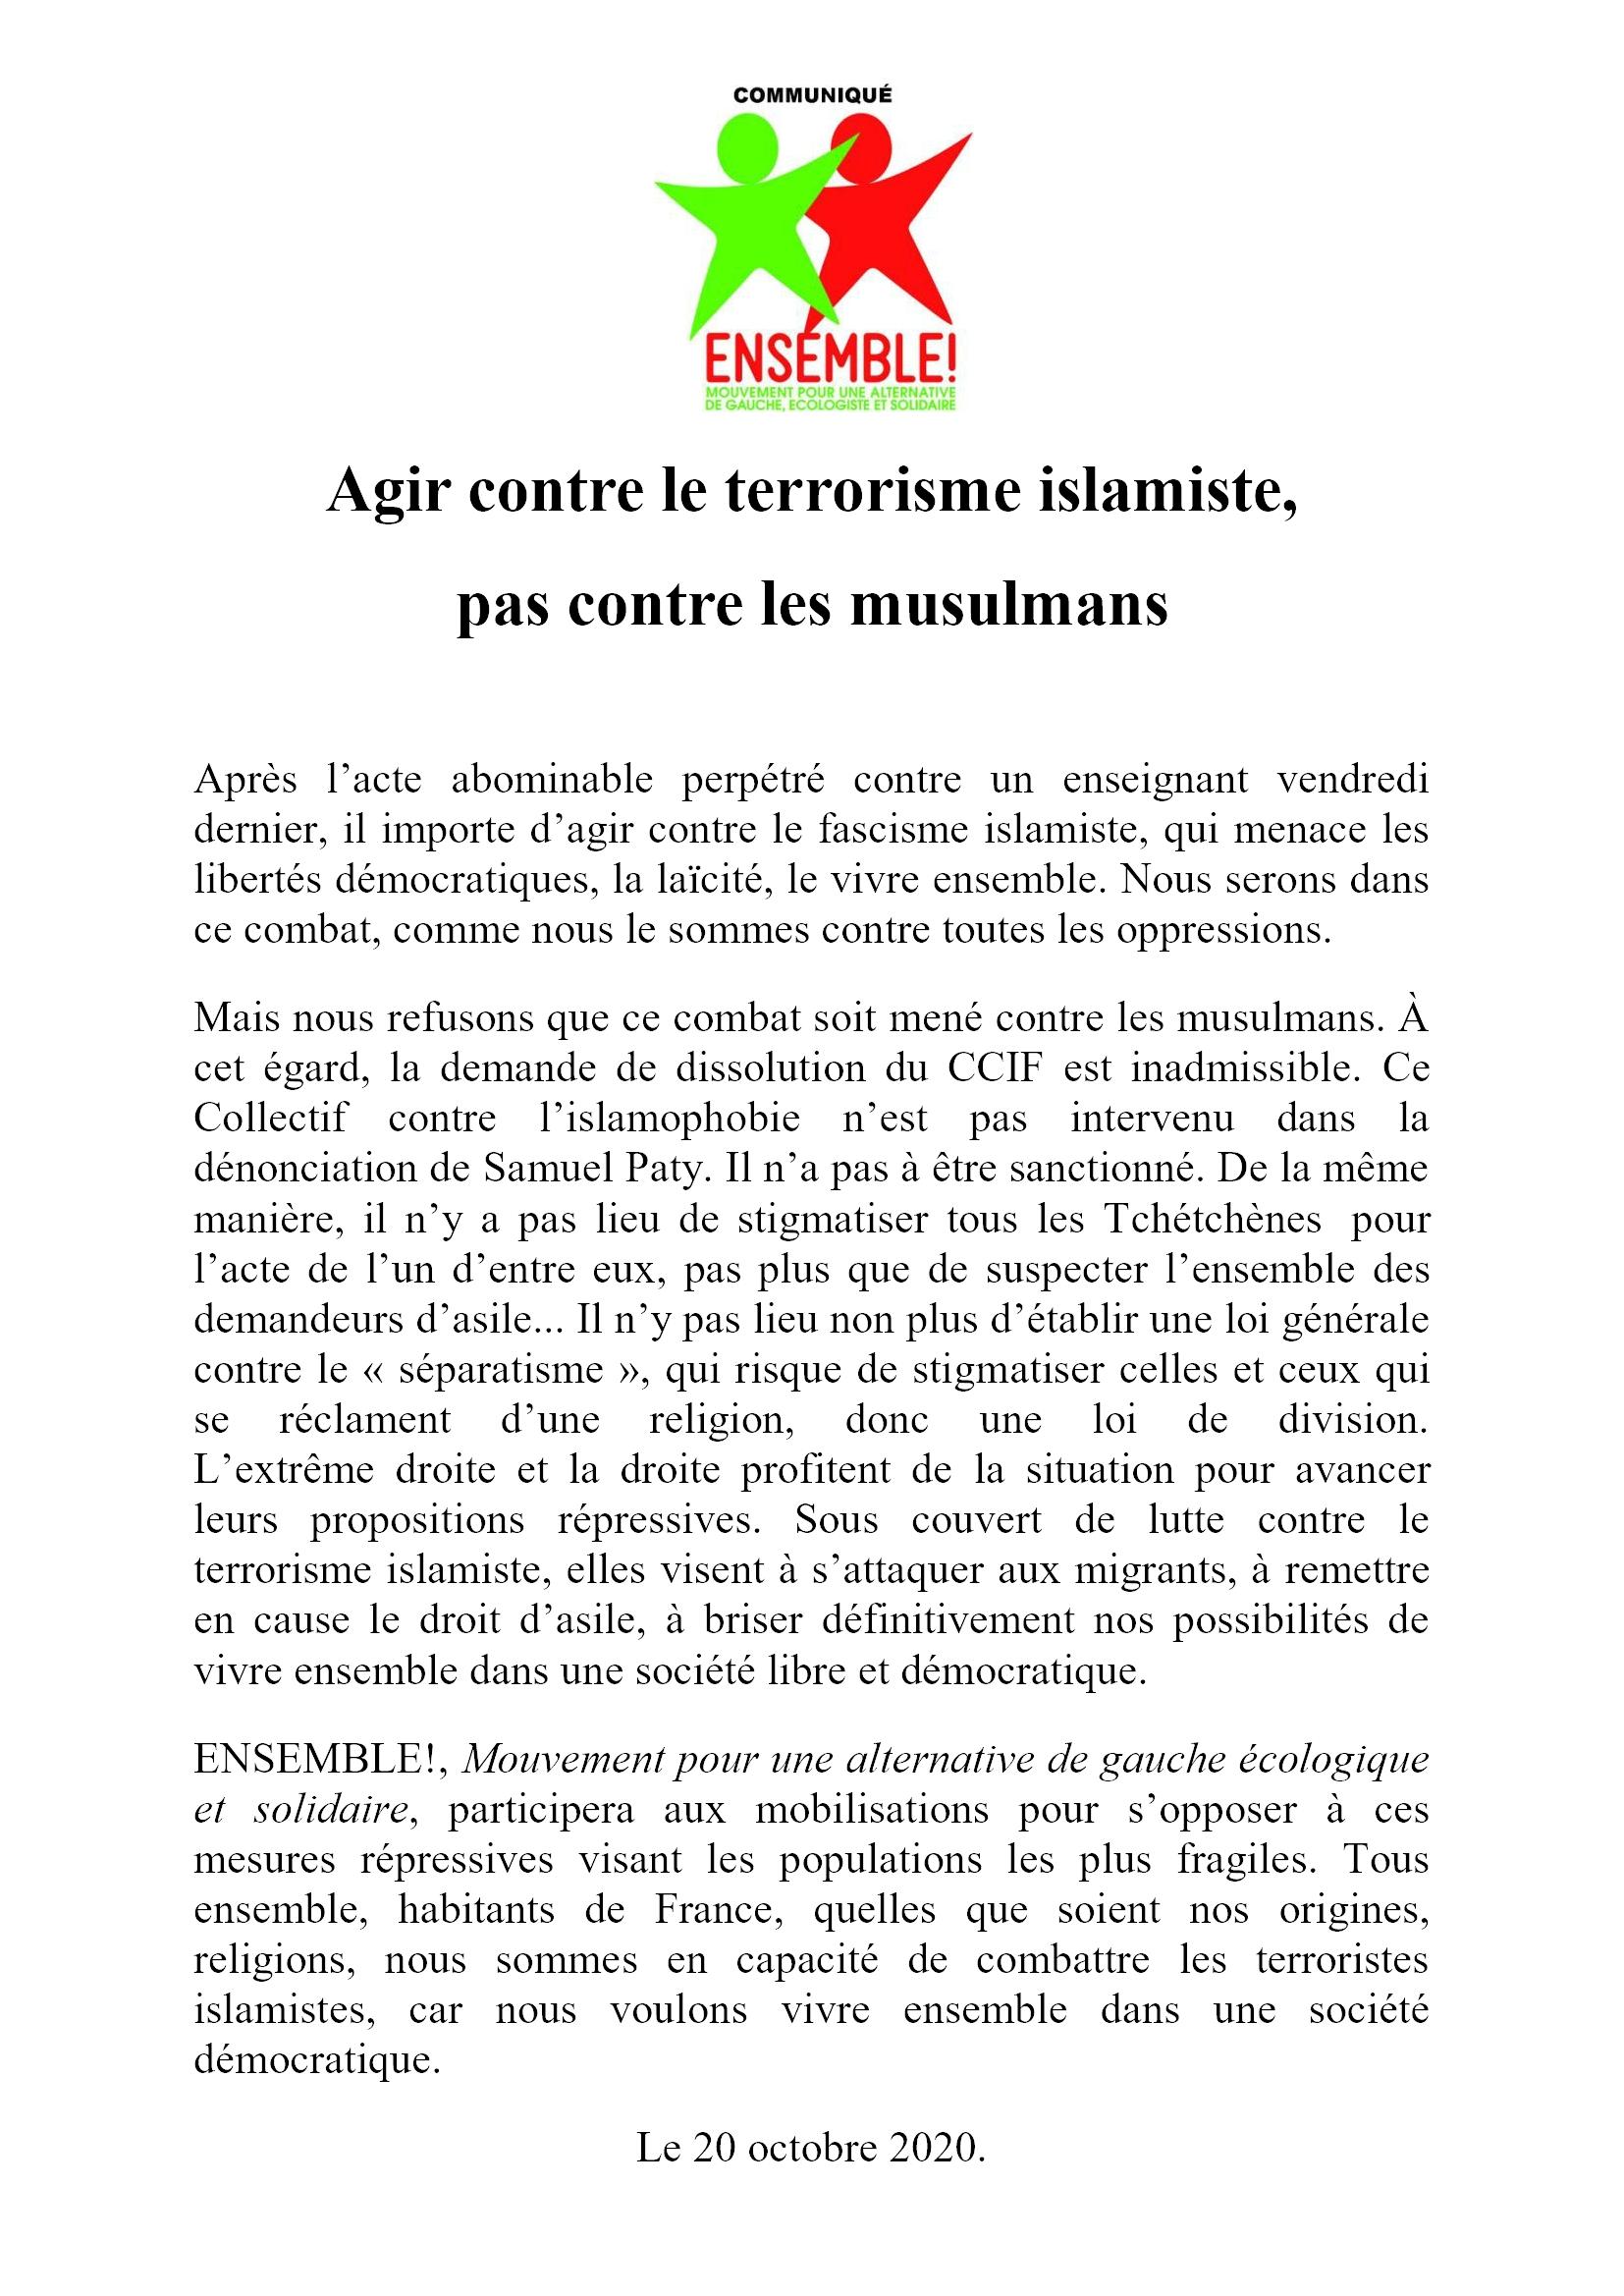 E! ComPress 2020-10-20 Agir contre le terrorisme islamiste, pas contre les musulmans